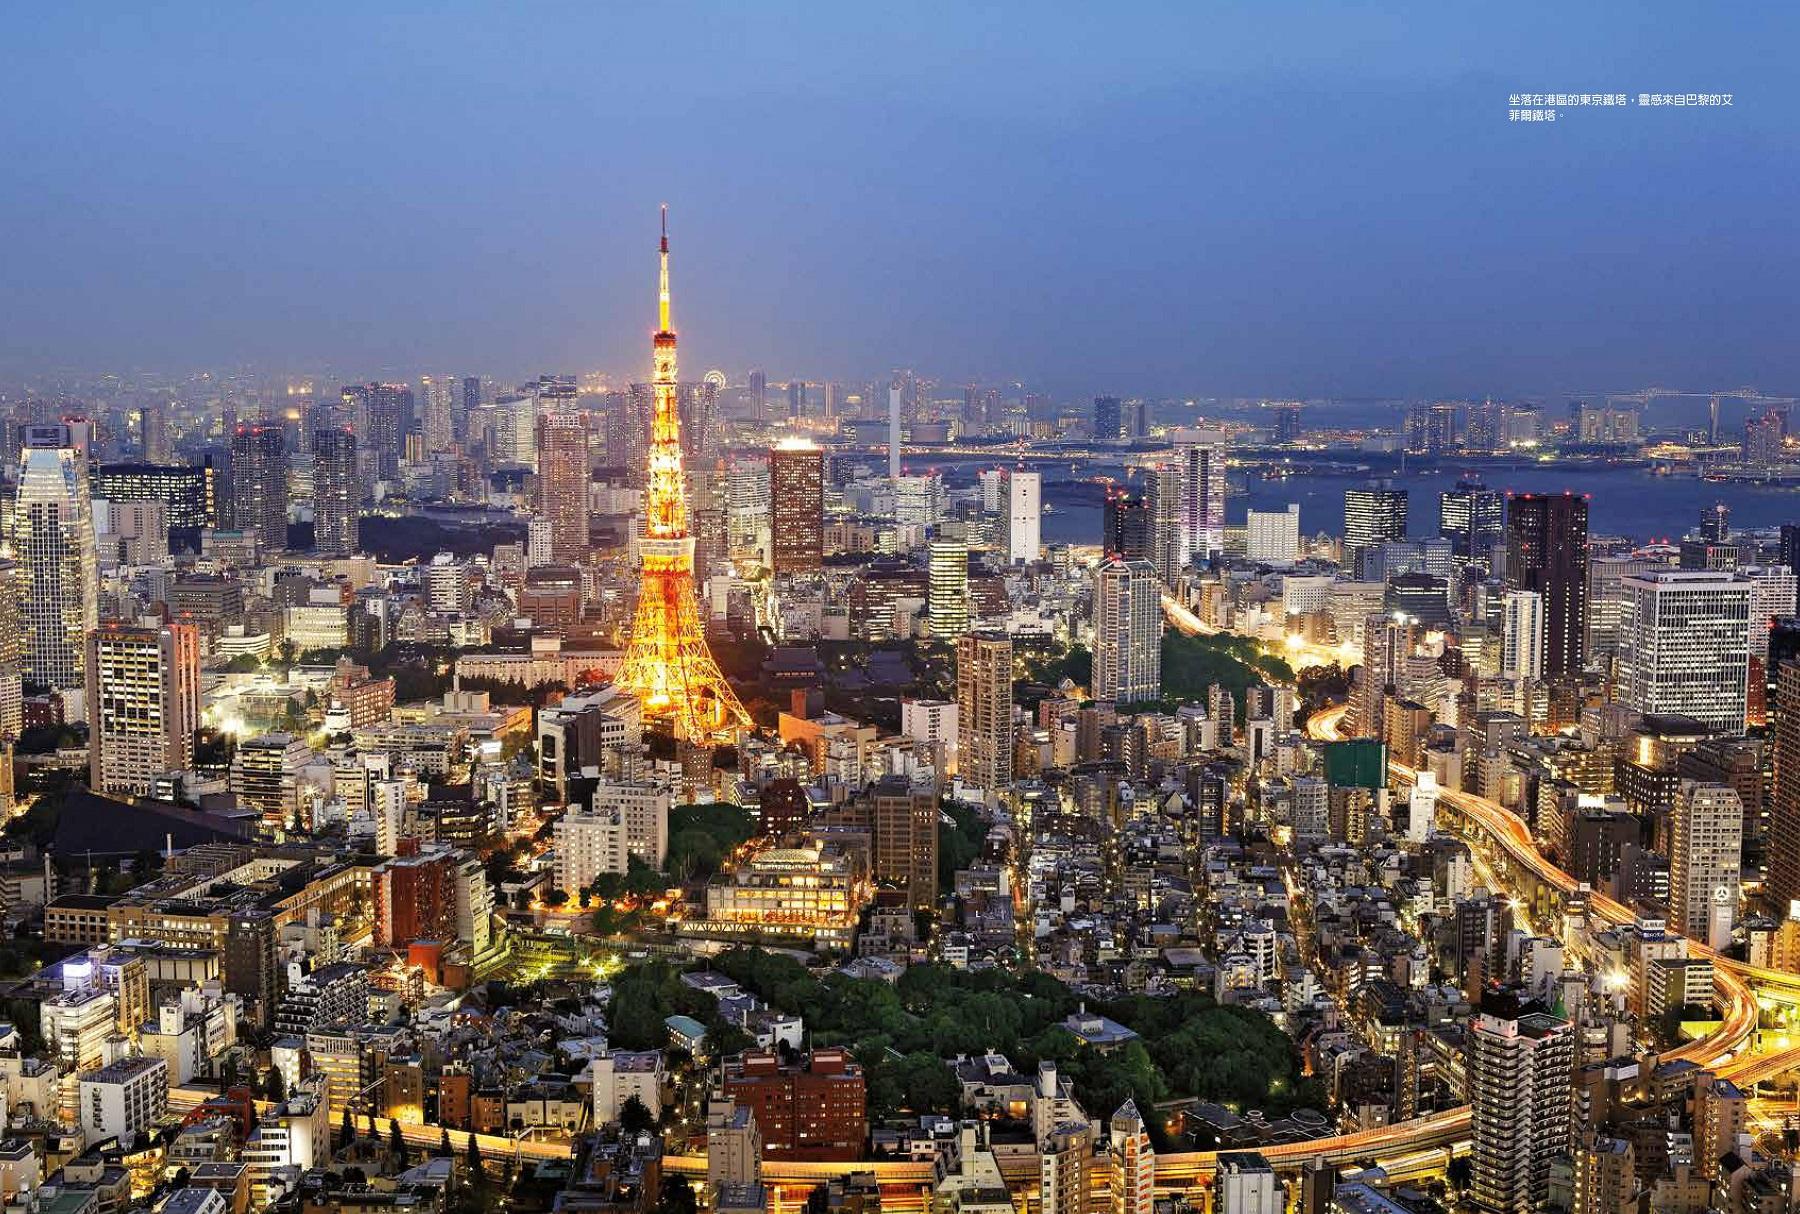 坐落在港區的東京鐵塔,靈感來自巴黎的艾菲爾鐵塔。圖片出自《全球220大最佳旅遊城市》